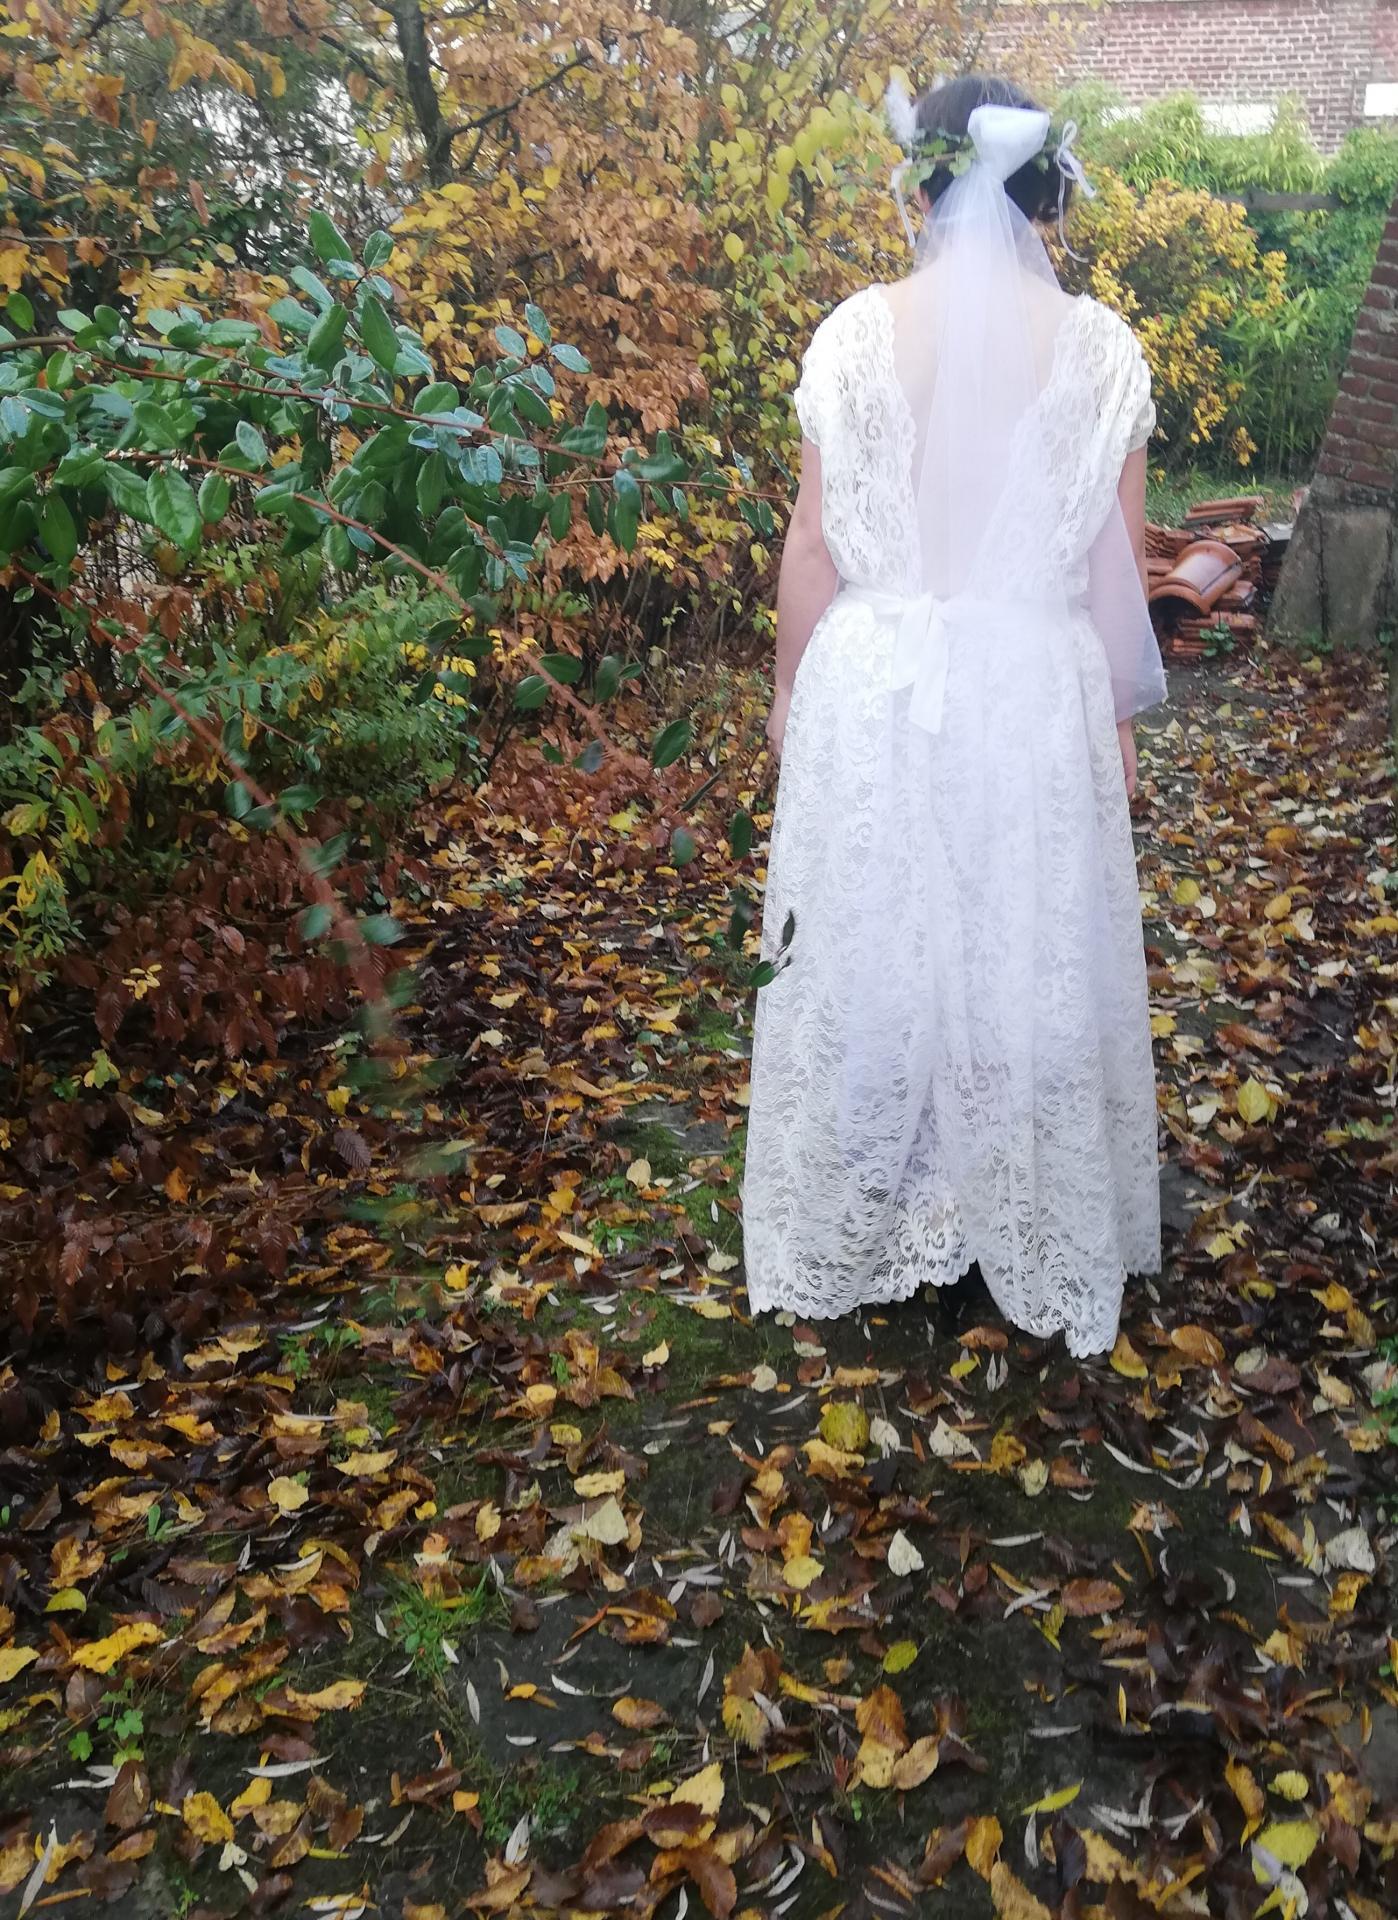 Robe de mariee reversible dentelle tulle et viscose rose faconnee a la main avec un coeur de nacre couronne fleurs et plumes fifi au jardin